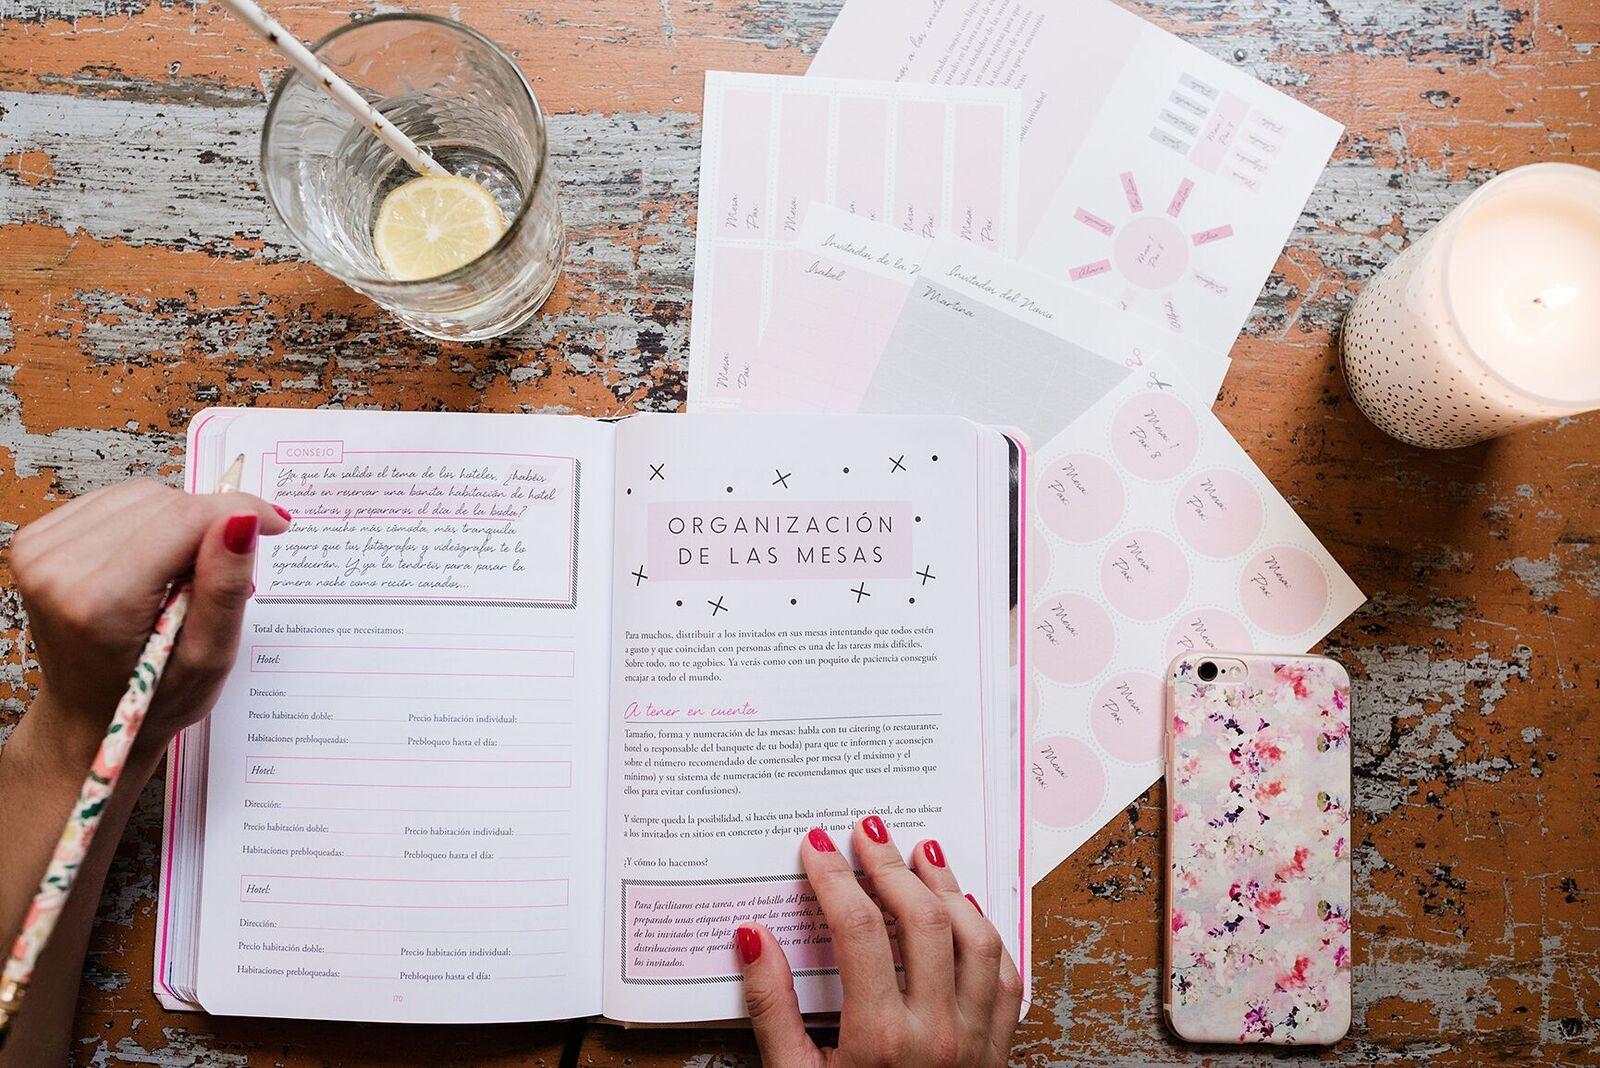 agenda de bodas por Bodas de cuento www.bodasdecuento.com